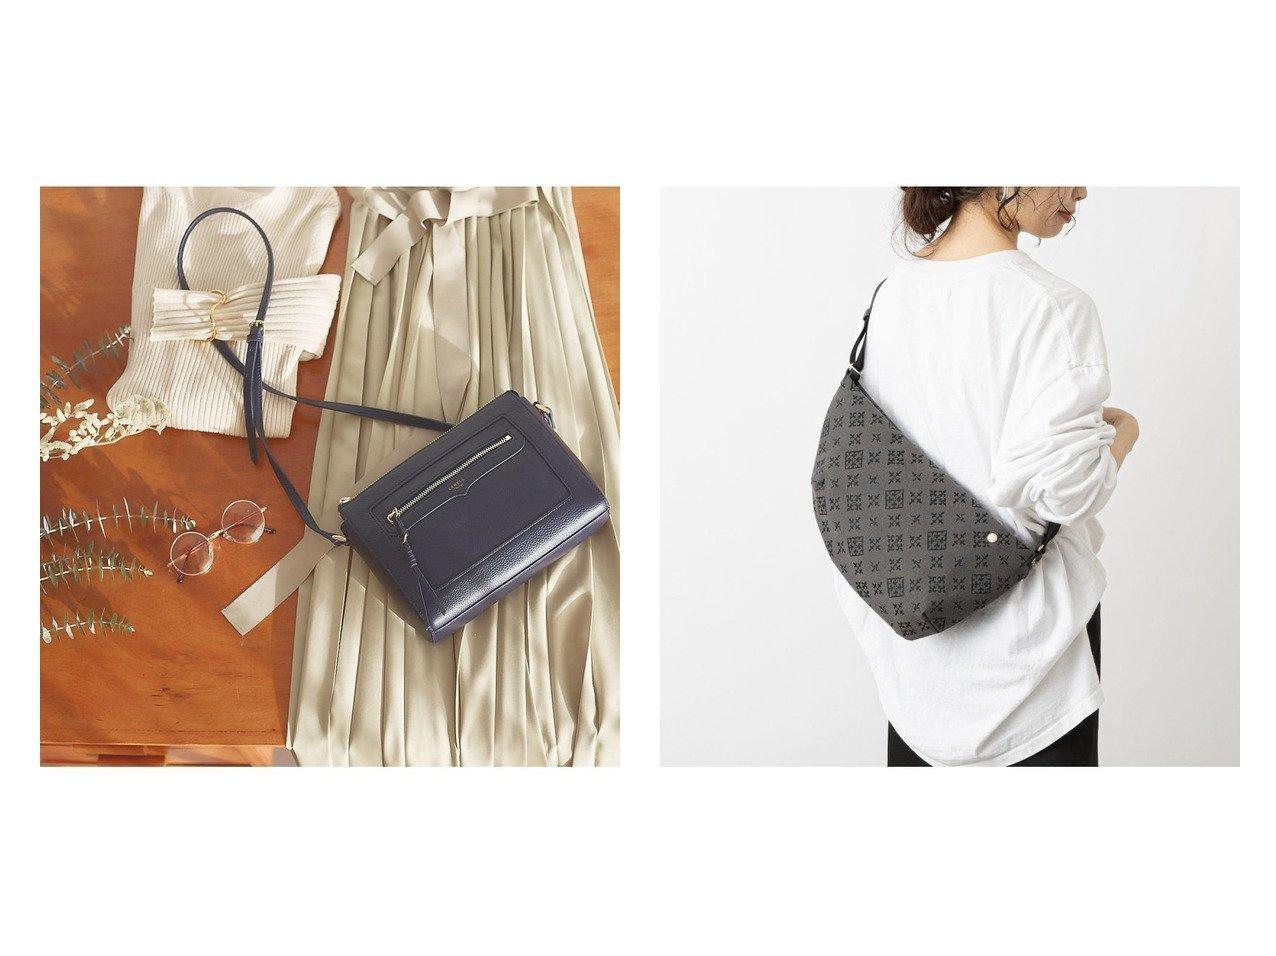 【LOWELL Things/ロウェル シングス】のレザーショルダーBAG&【russet/ラシット】の【WEB限定】ボディバッグ【コットンジャガード】(CE-816-WEB) おすすめ!人気、トレンド・レディースファッションの通販 おすすめで人気の流行・トレンド、ファッションの通販商品 インテリア・家具・メンズファッション・キッズファッション・レディースファッション・服の通販 founy(ファニー) https://founy.com/ ファッション Fashion レディースファッション WOMEN バッグ Bag ショルダー スタンダード 財布 ポケット ポシェット ポーチ アシンメトリー 定番 Standard 2021年 2021 S/S・春夏 SS・Spring/Summer 2021春夏・S/S SS/Spring/Summer/2021 おすすめ Recommend 日本製 Made in Japan  ID:crp329100000061069